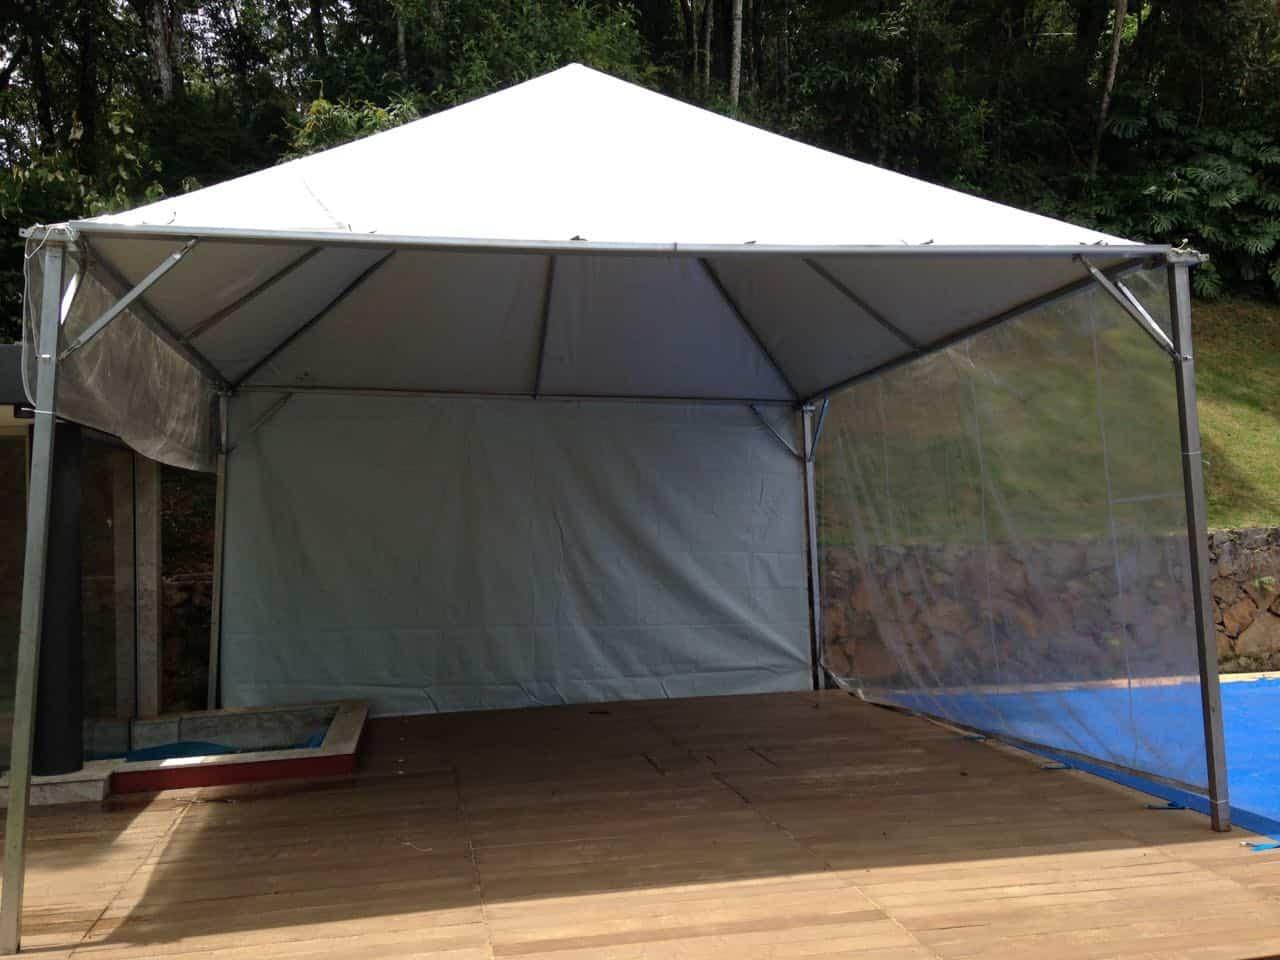 Tenda 6x6 com calhas laterais - Foto 18